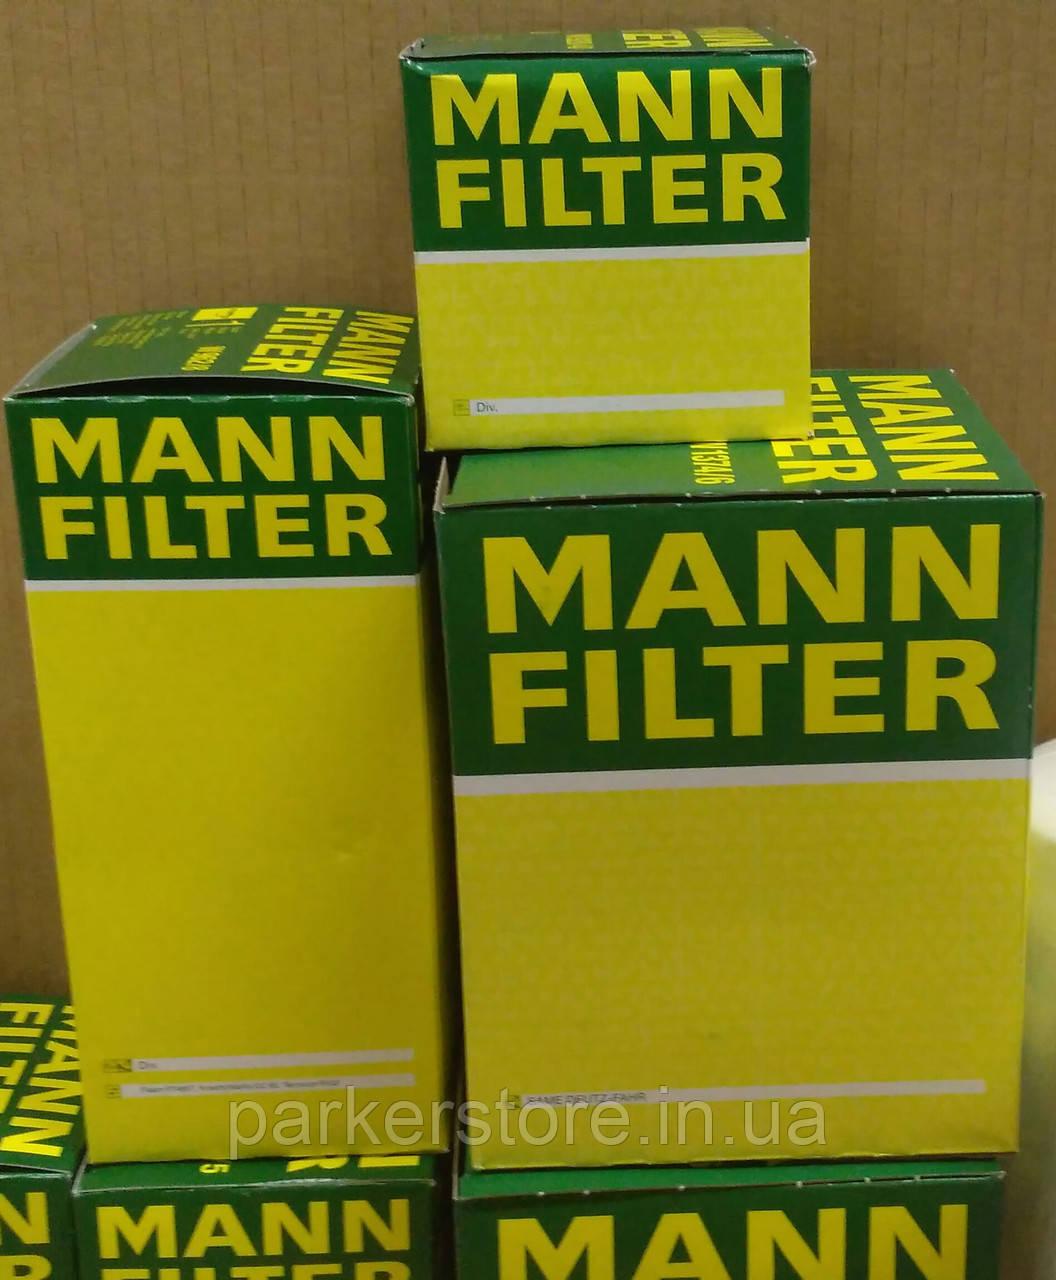 MANN FILTER / Воздушный фильтр / C 14 179/1 / C14179/1